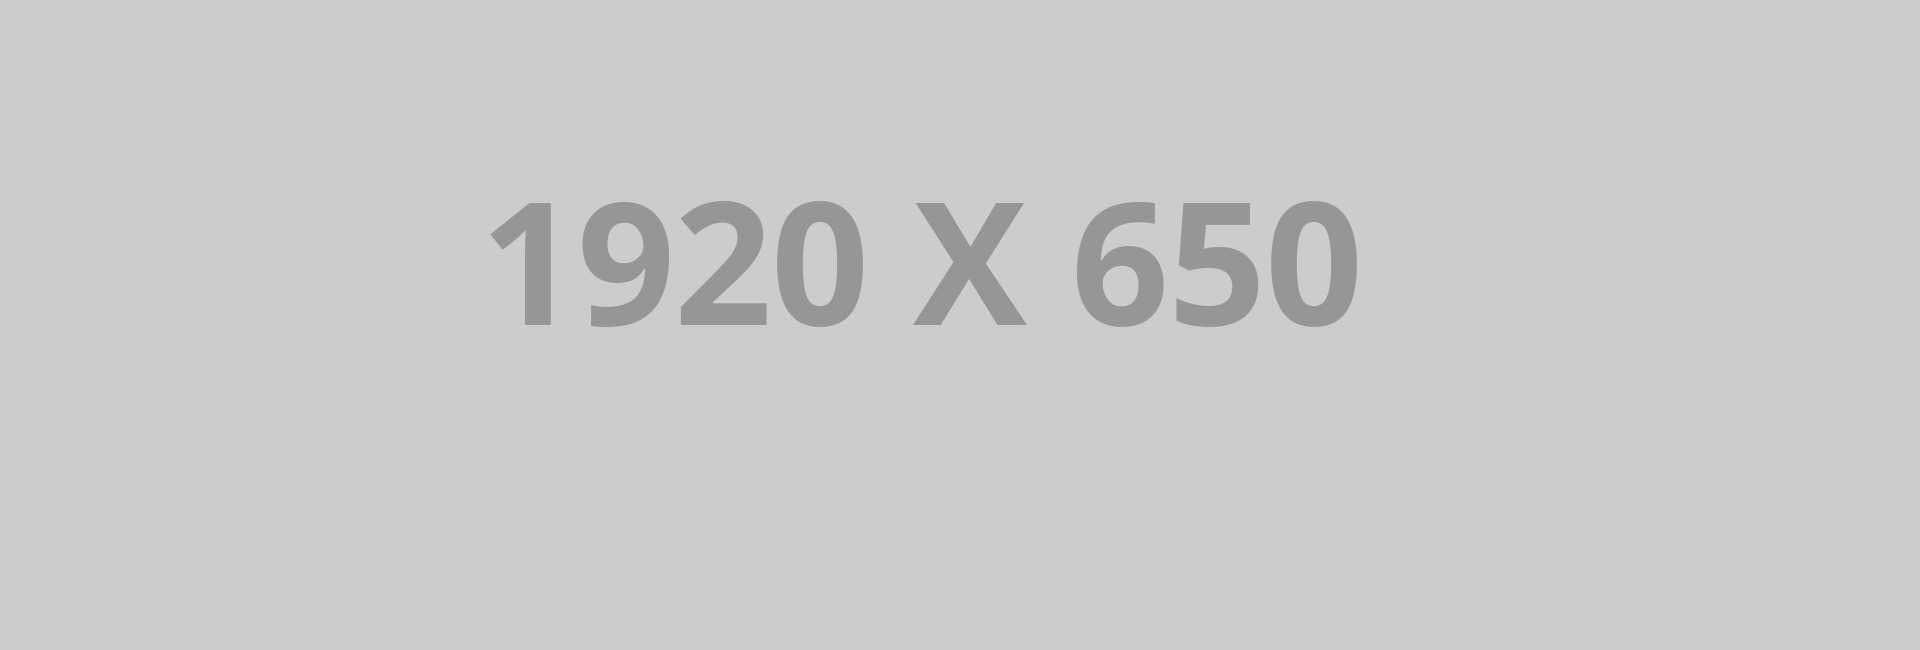 1920x650-ph